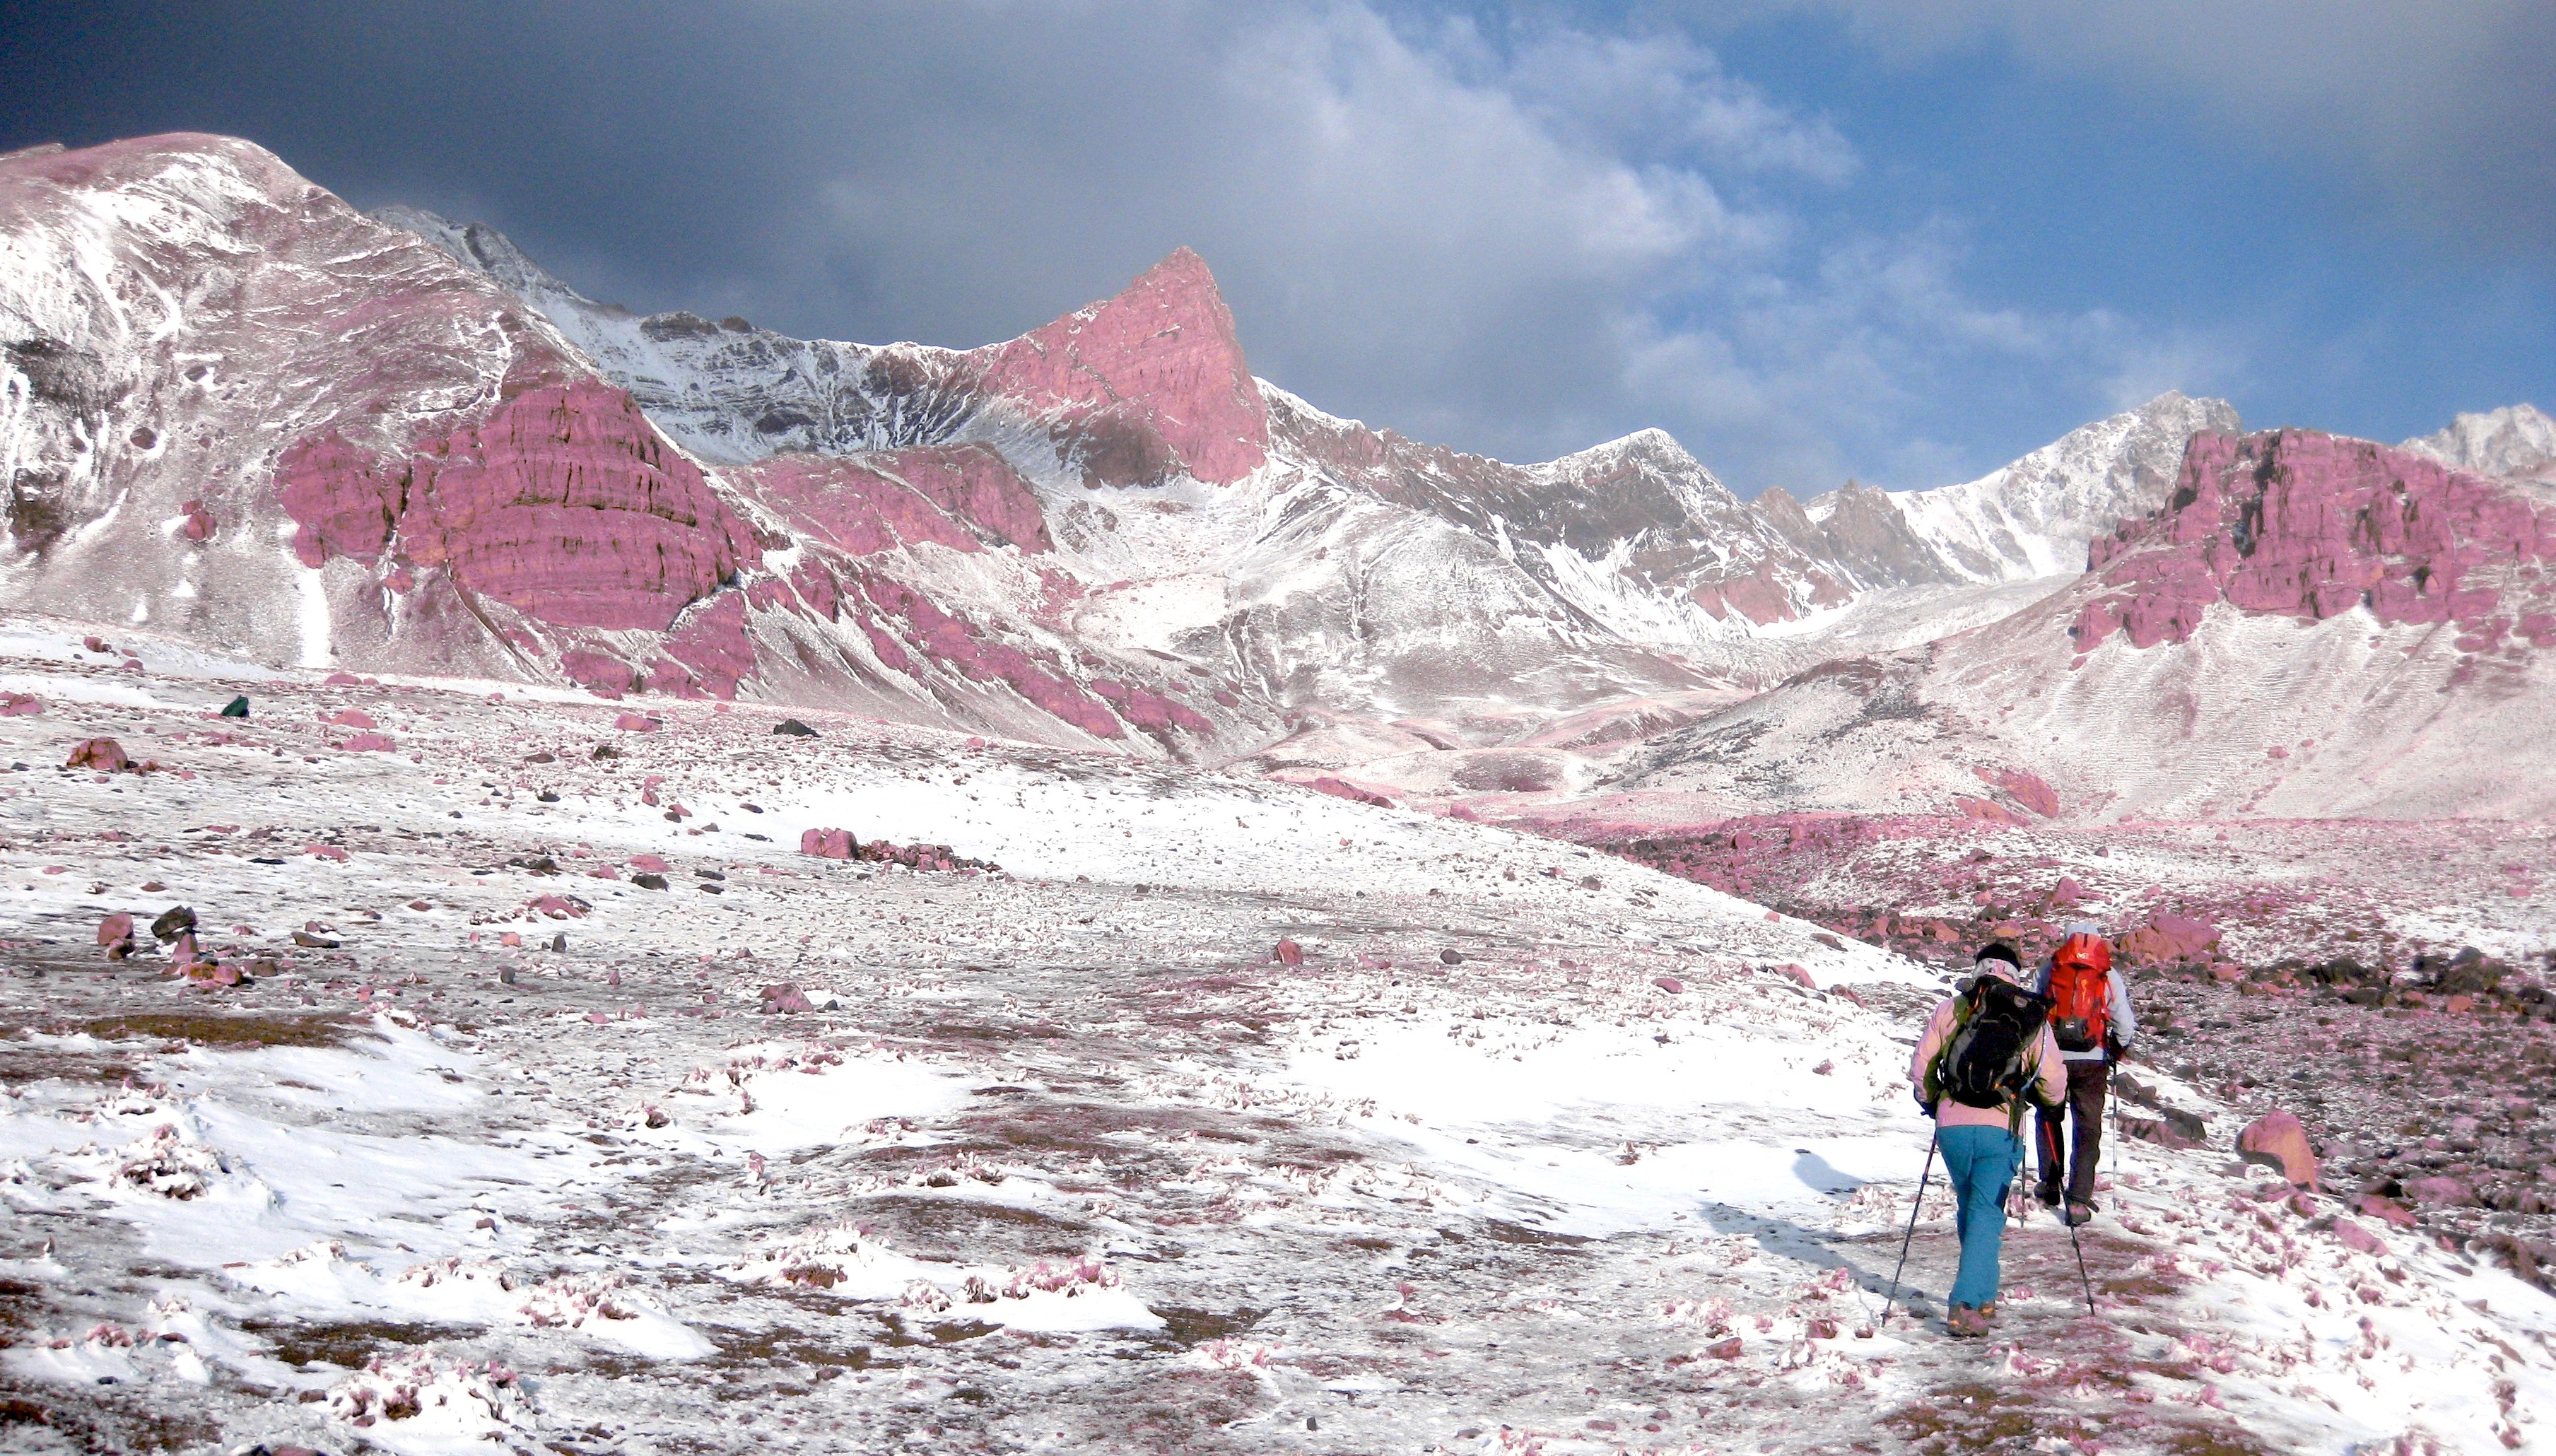 Montée à l'Alam Koh, deuxième sommet d'Iran à 4848 mètres